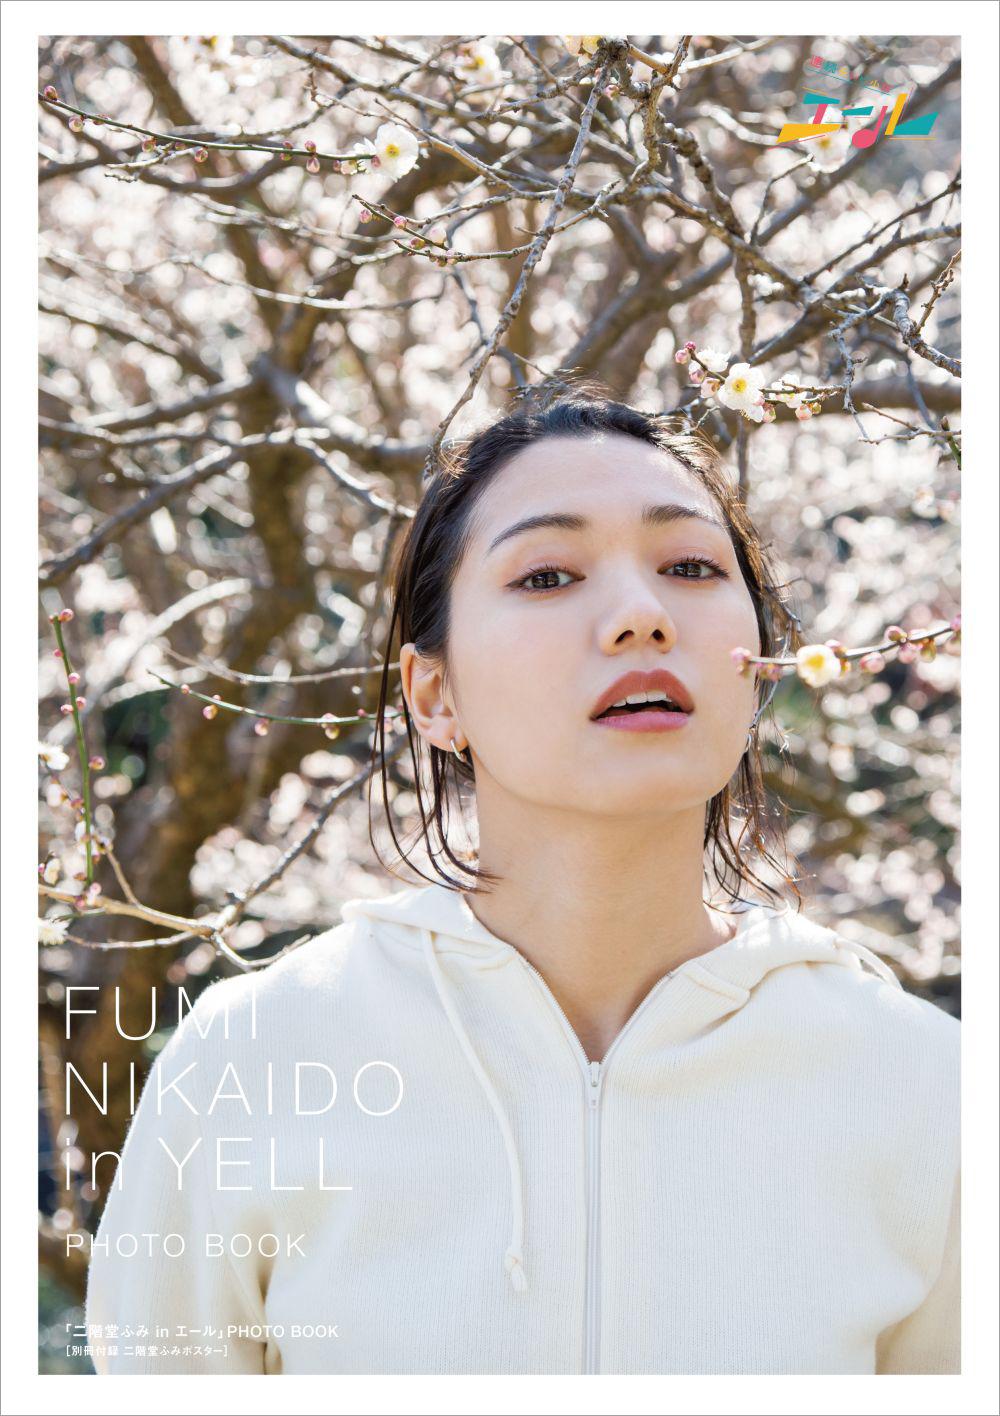 【Amazon限定版】『「二階堂ふみ in エール」PHOTO BOOK』 (東京ニュース通信社刊)